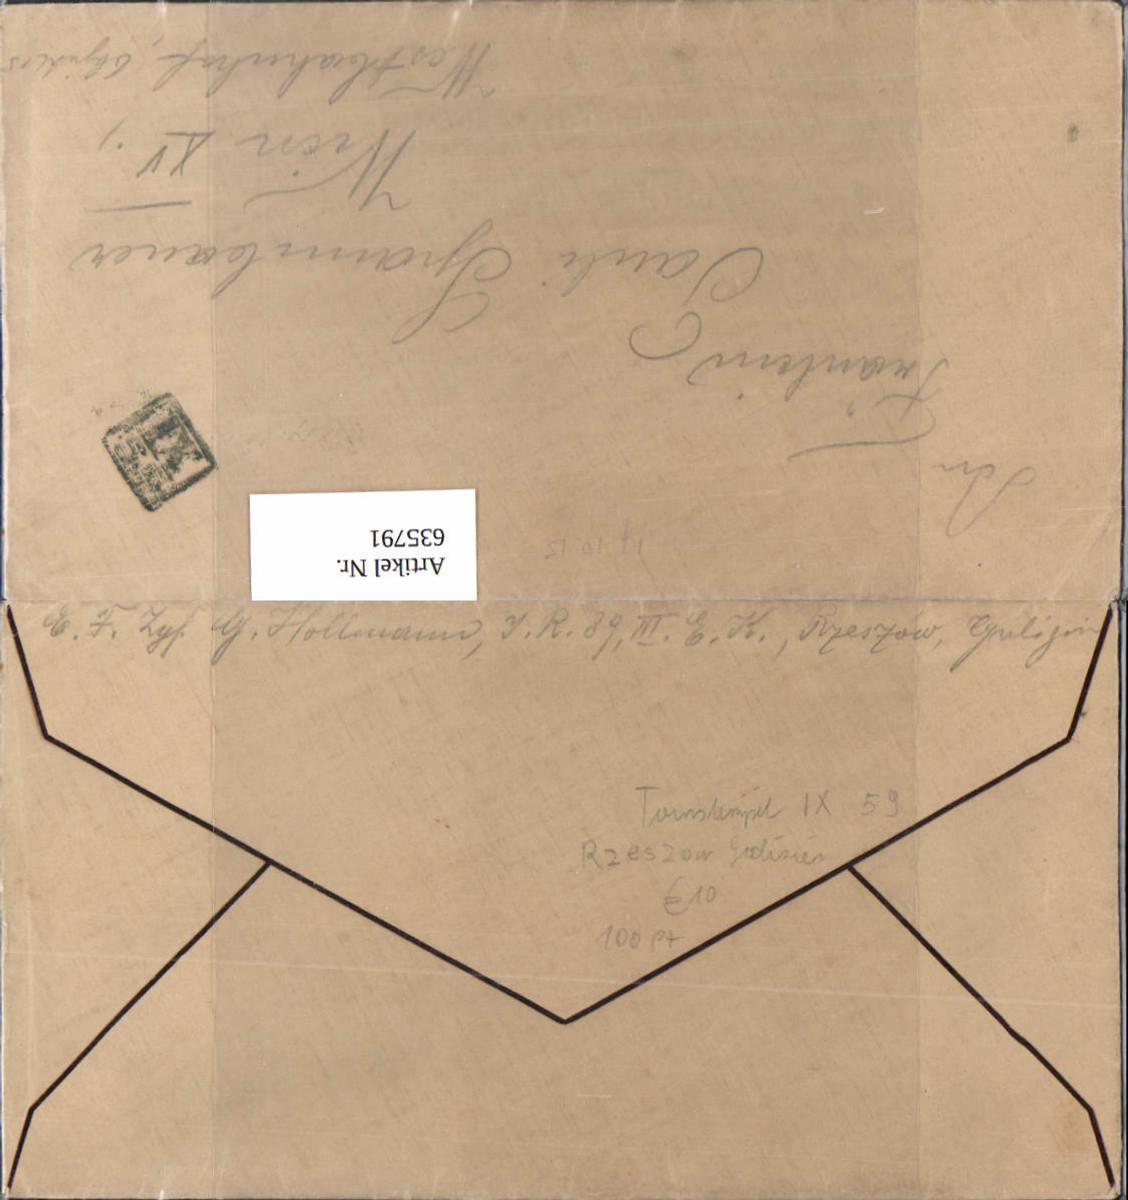 K.K. Feldpost Tarnstempel IX 59 Rzeszow Galizien Inf. Reg. 89 Galizia n. Wien Rudolfsheim günstig online kaufen